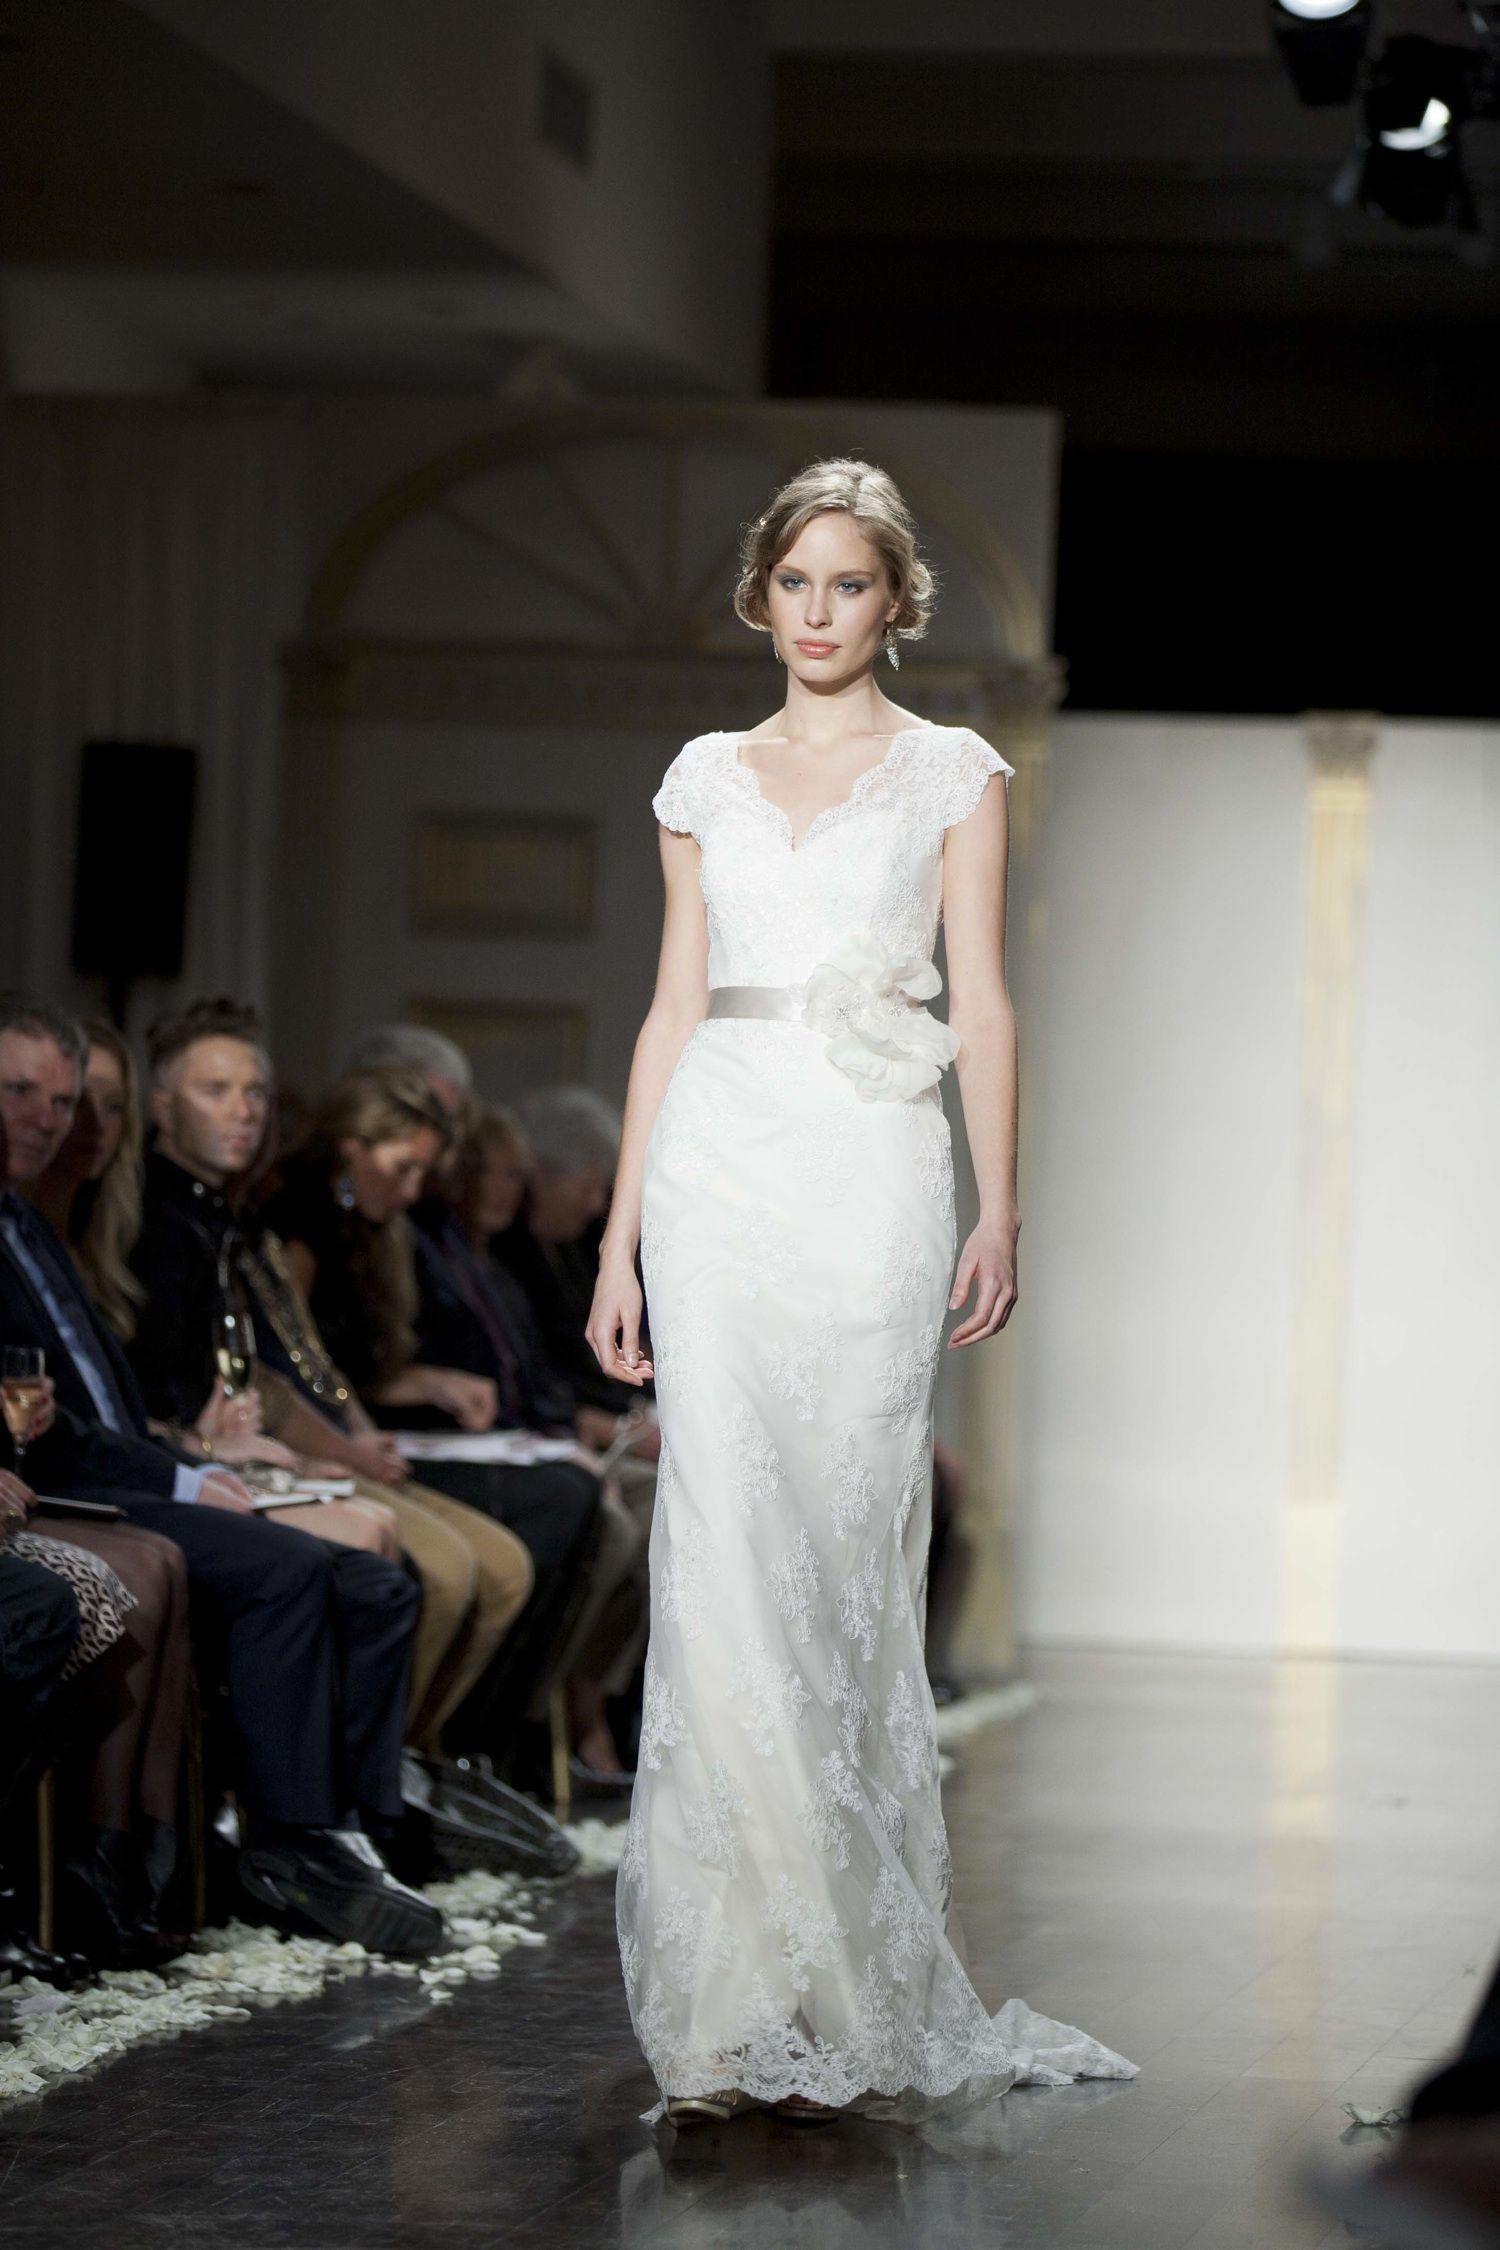 I need a dress for a spring wedding  weddingdresslazarofallbridalgownslacesashoriginalcolored